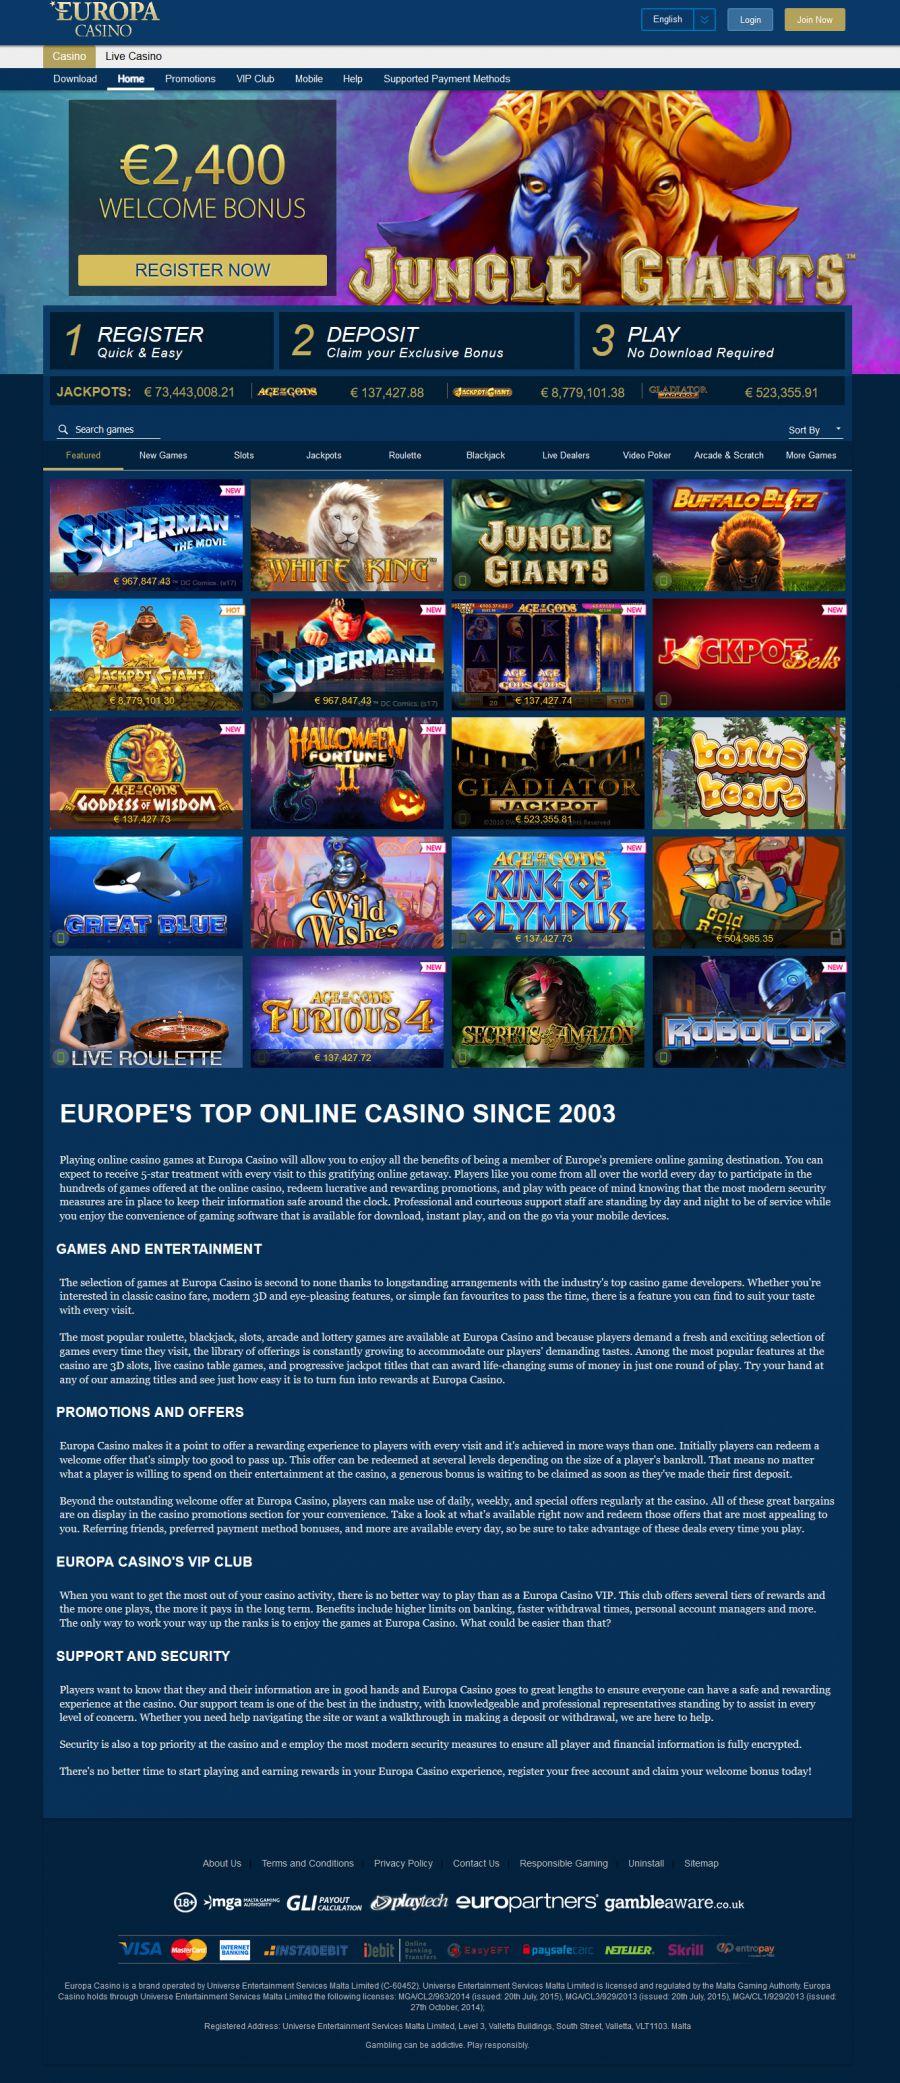 Casino Europa Mobile